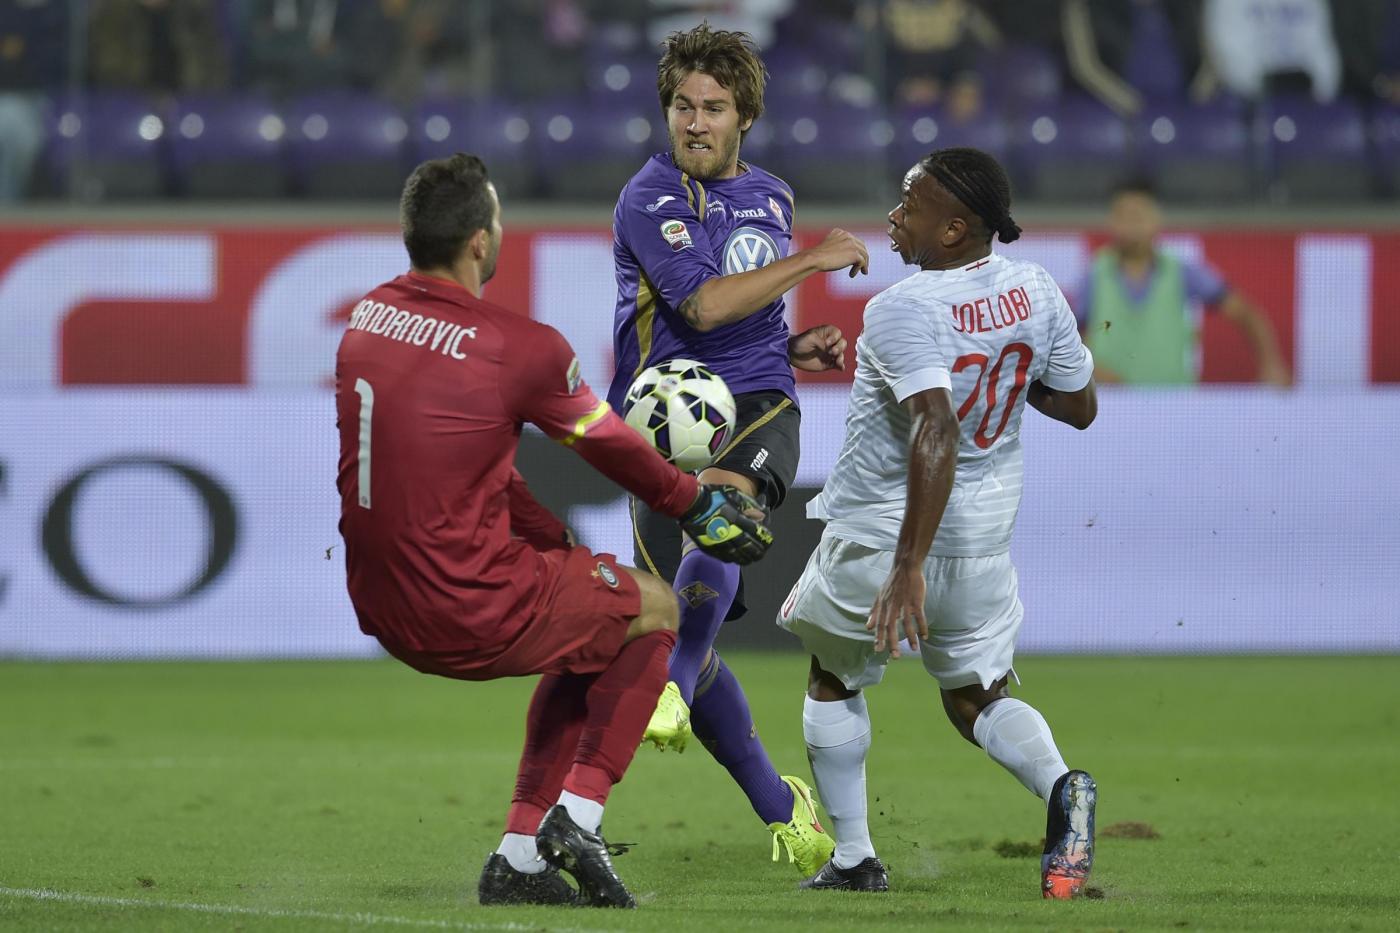 Serie A, Inter vs Fiorentina 0-1: Mancini cede il passo